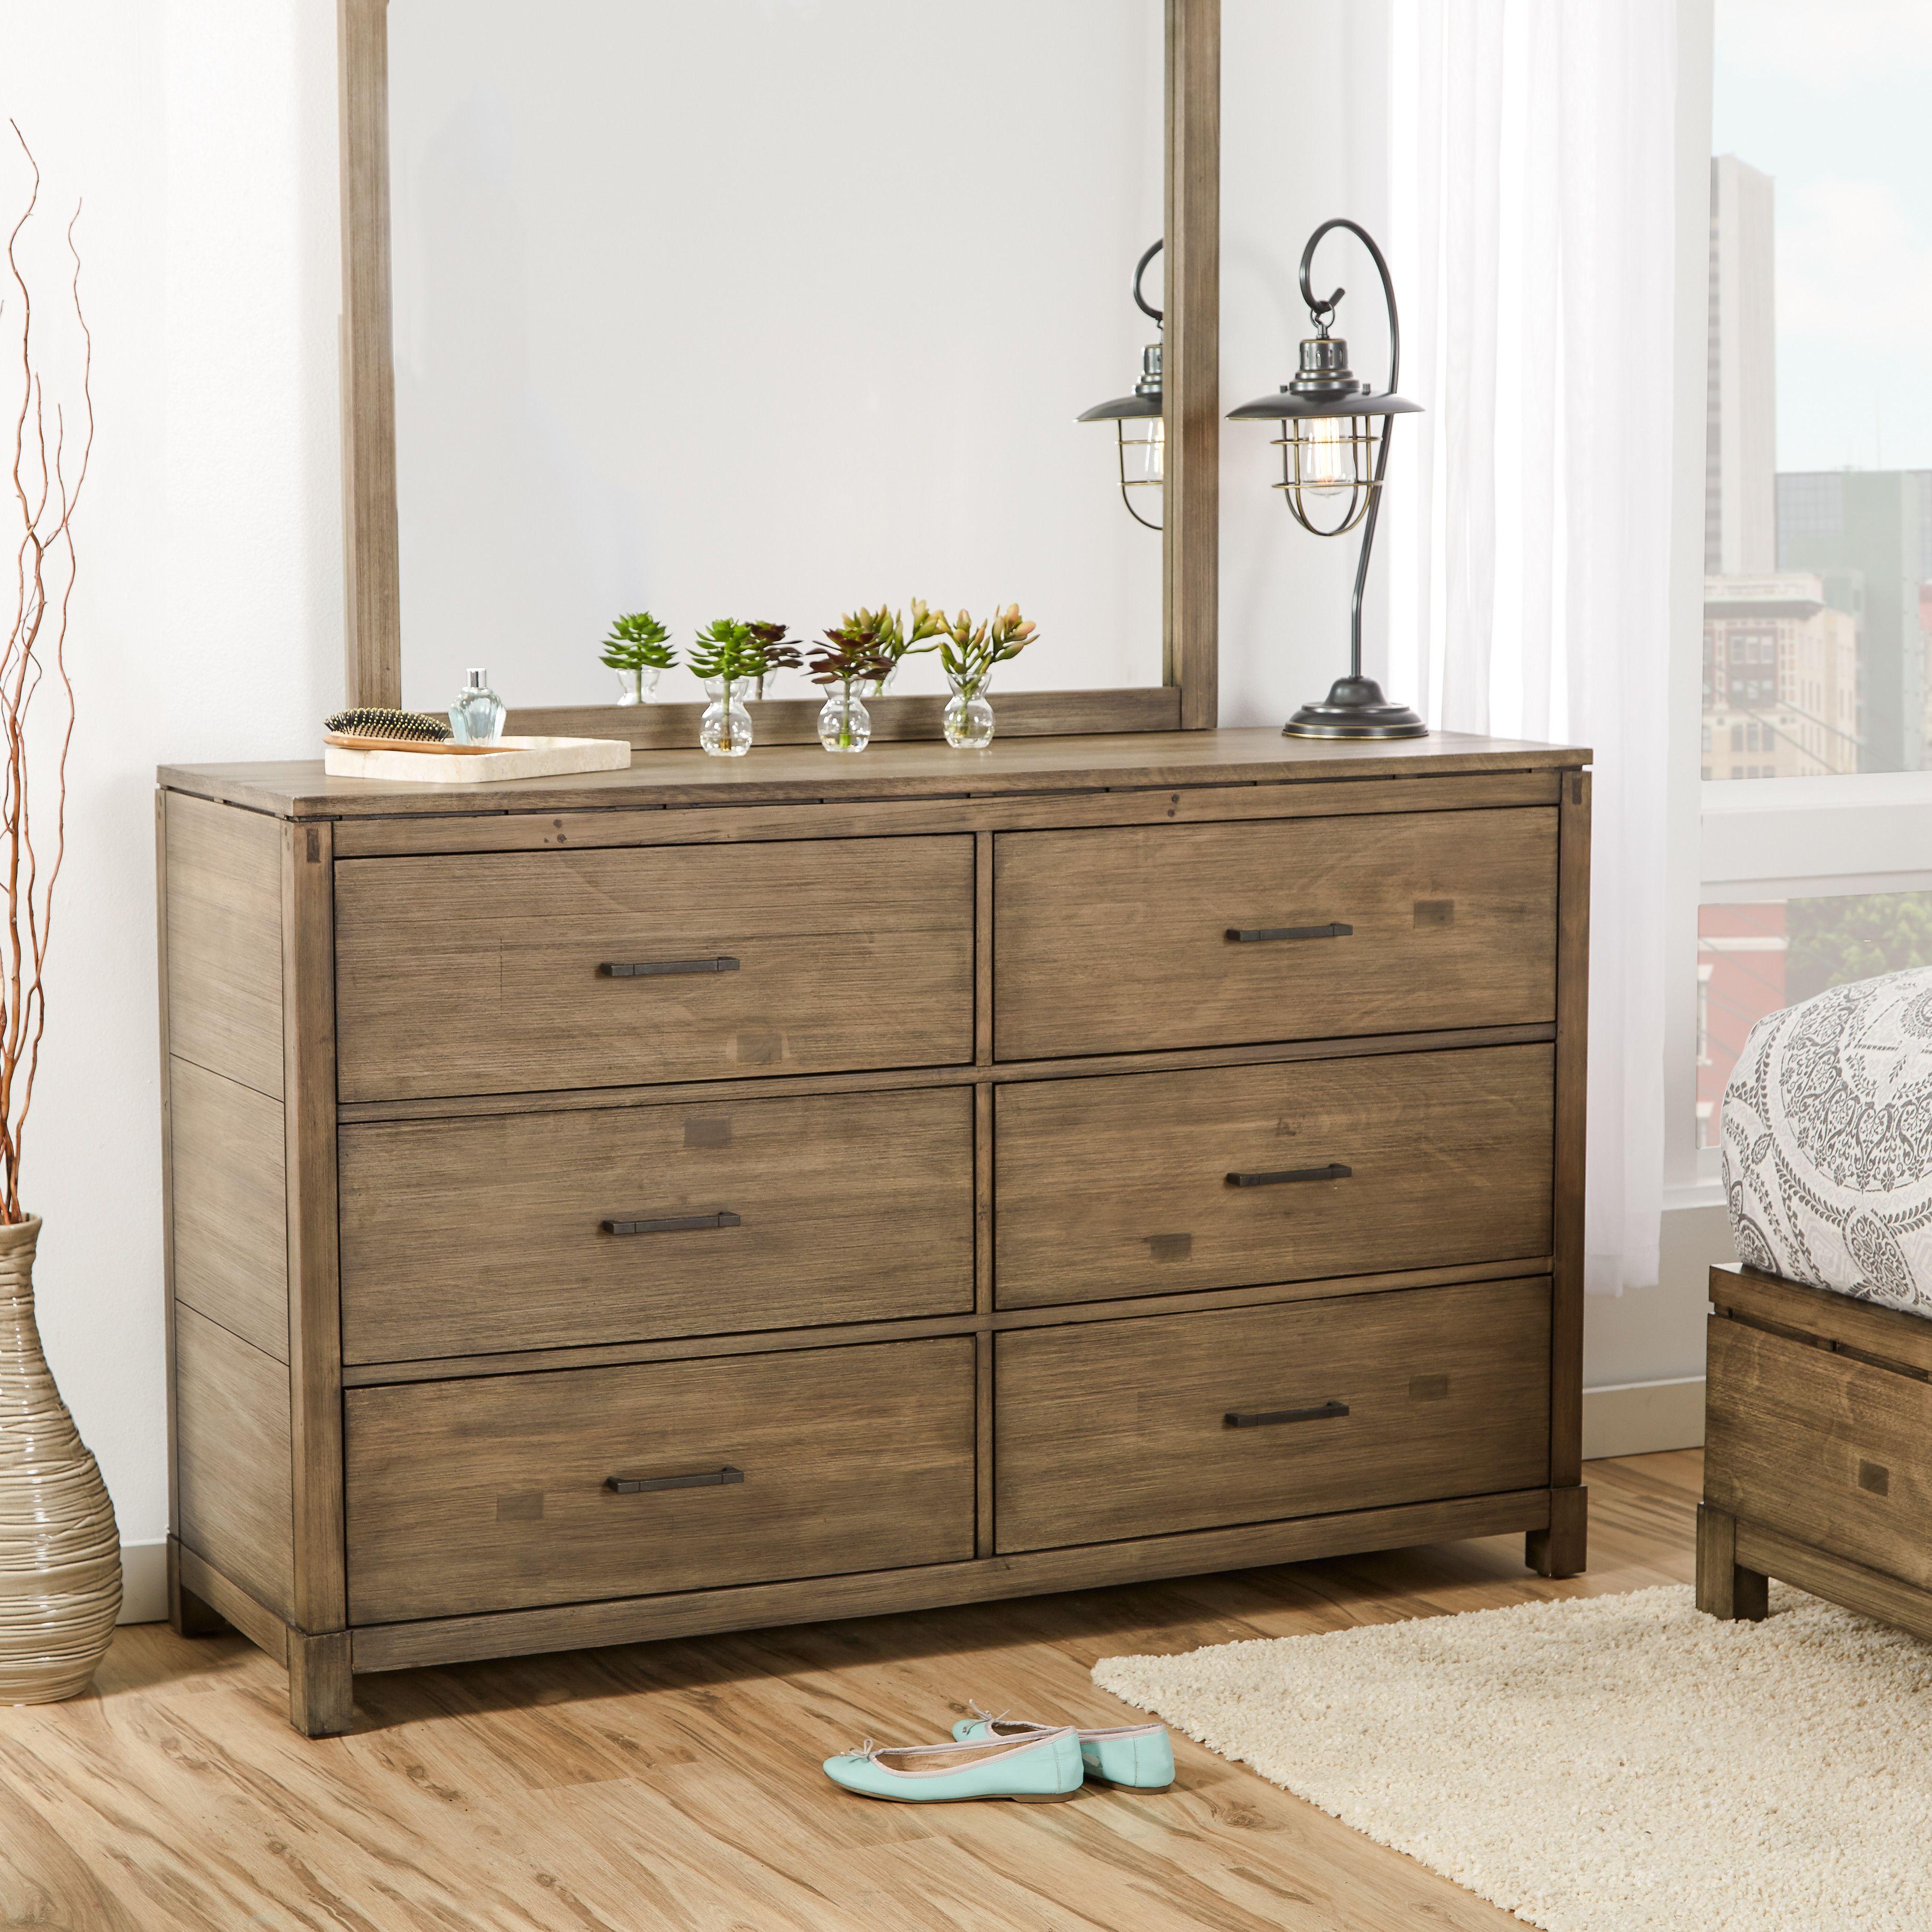 Mercury Row Pax 6 Drawer Dresser Dresser Dresser With Mirror 6 Drawer Dresser [ 3731 x 3731 Pixel ]